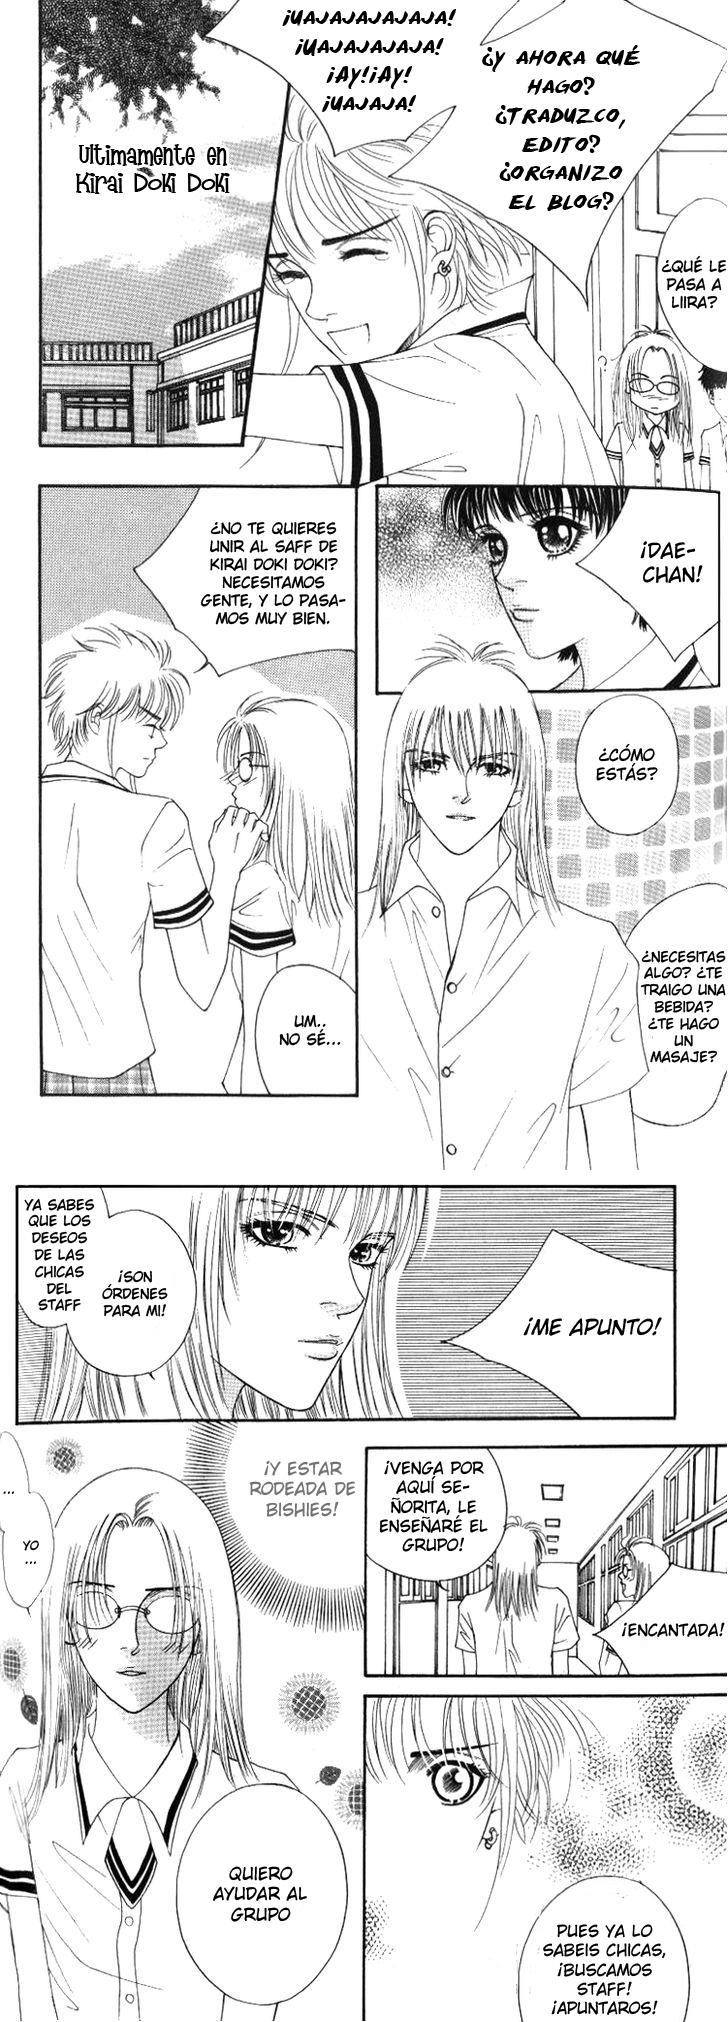 http://c5.ninemanga.com/es_manga/23/471/379083/3eb5238106ffa4378988e8191304a914.jpg Page 2